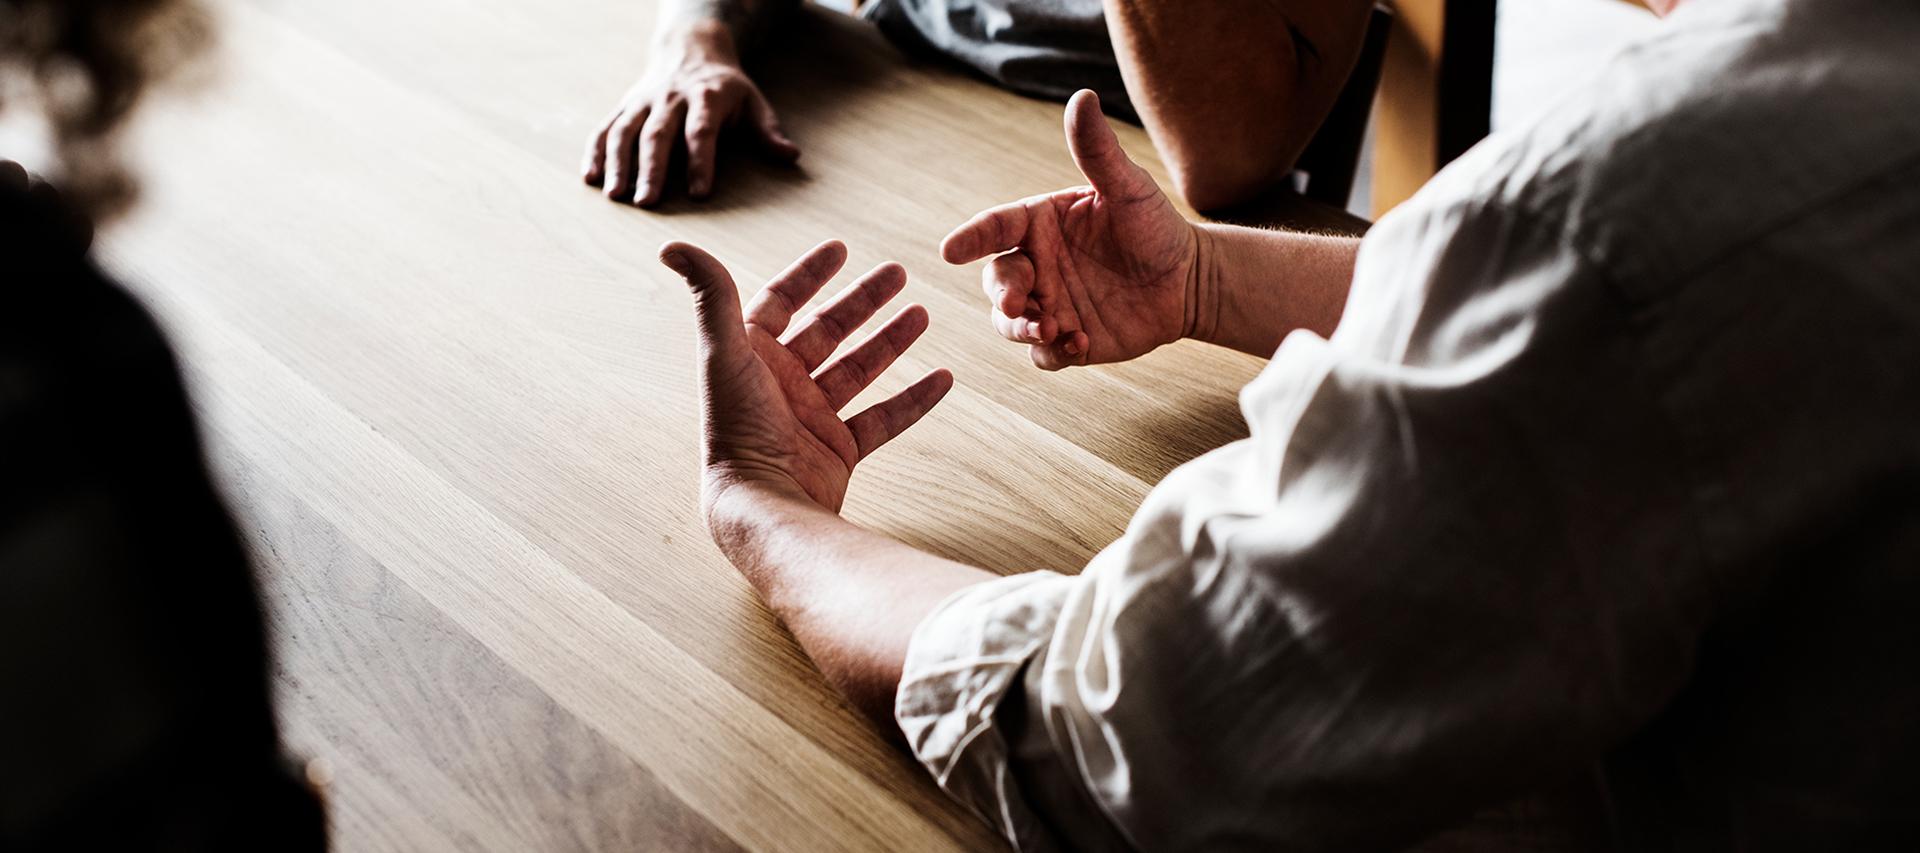 Psycholoog - Coach - Feel It 2 - Korte termijn veerkracht - Blog1